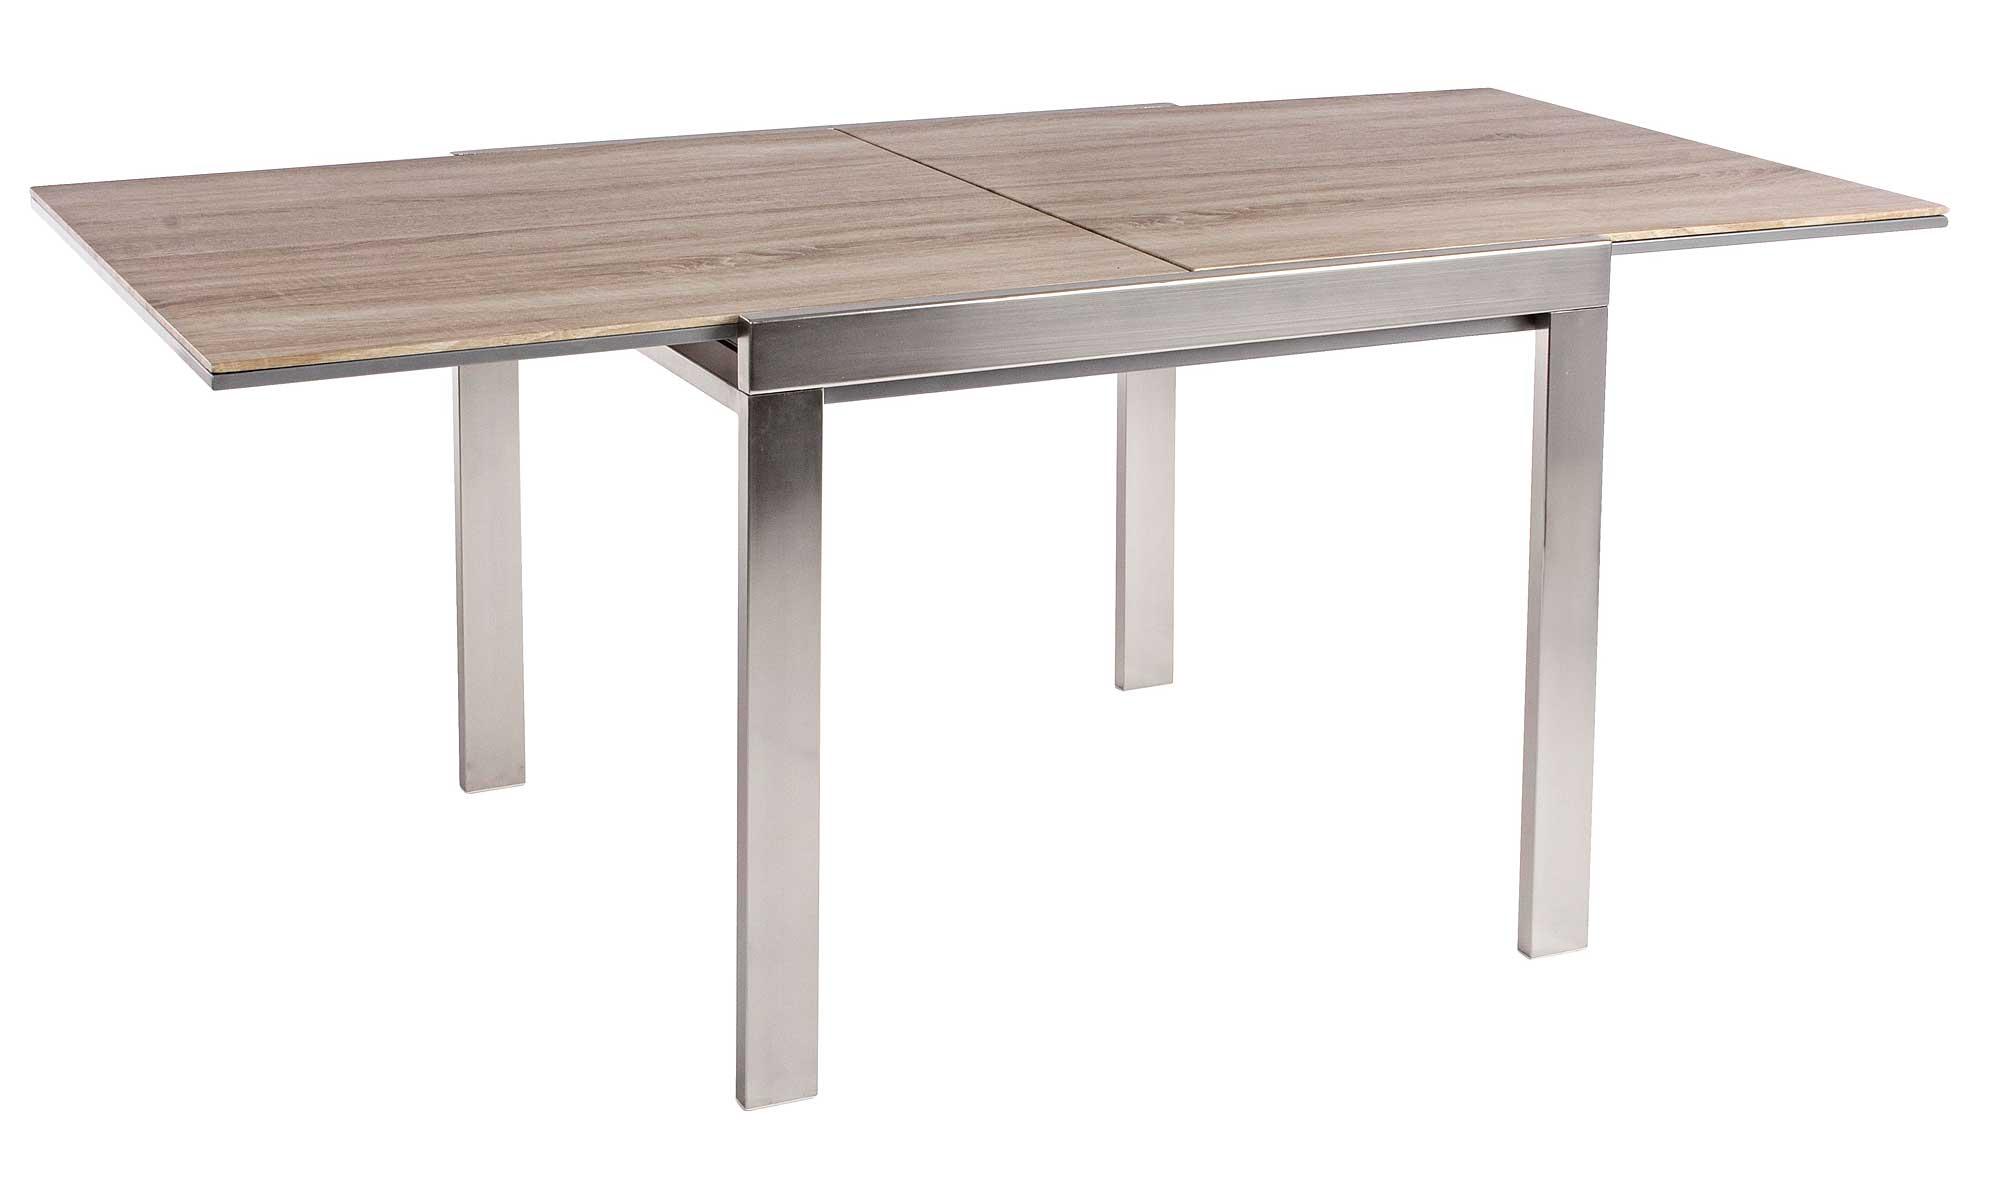 Mesa de comedor extensible moderna tavolo torino no for Mesa redonda extensible moderna